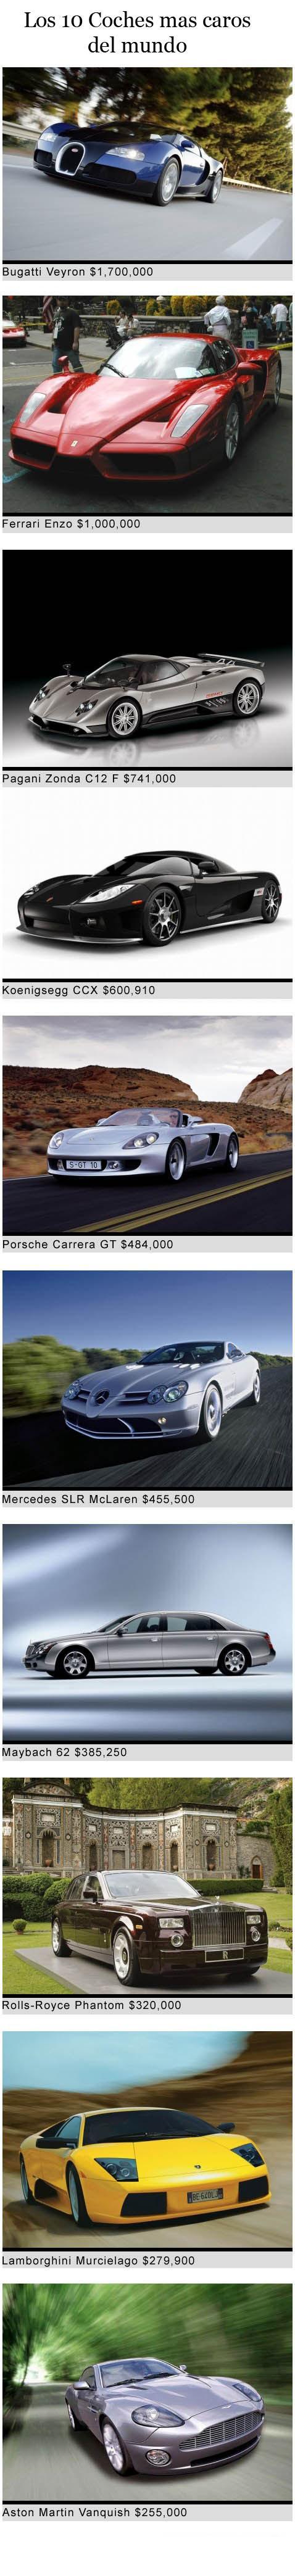 los coches mas caros del mundo